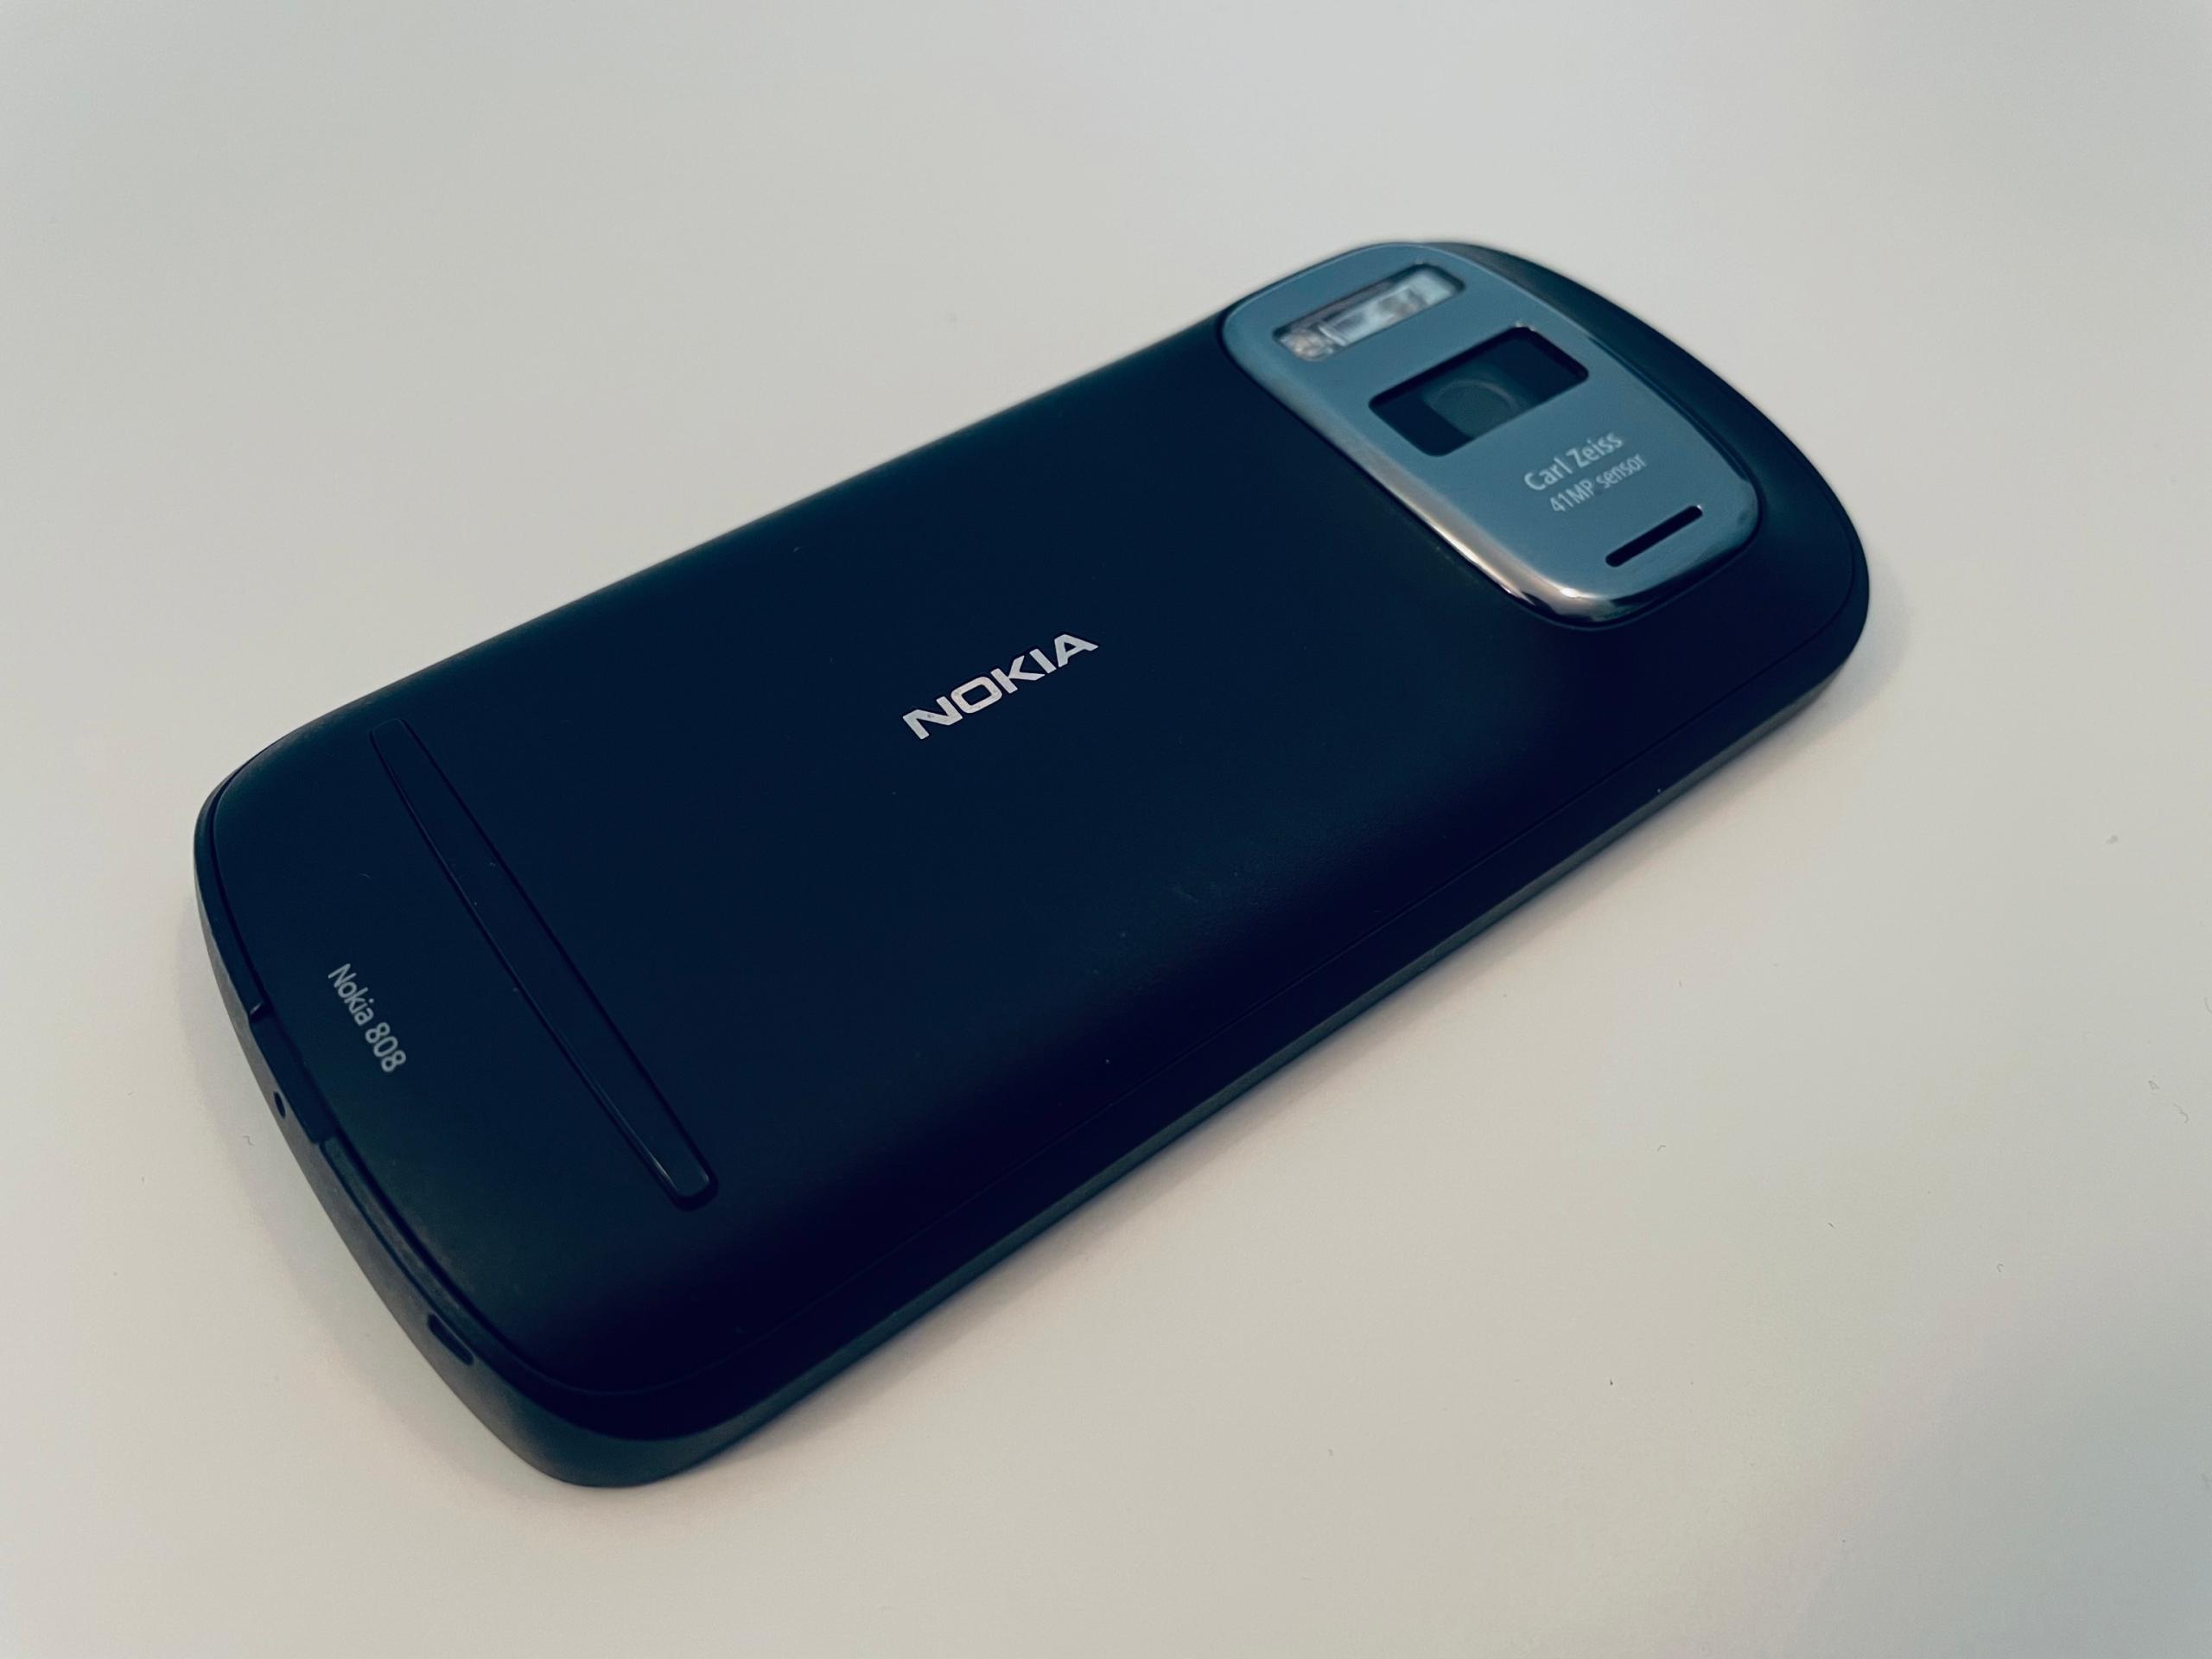 Licytacja Nokia 808 Pure View Stan Igla Bydgoszcz Allegro Lokalnie